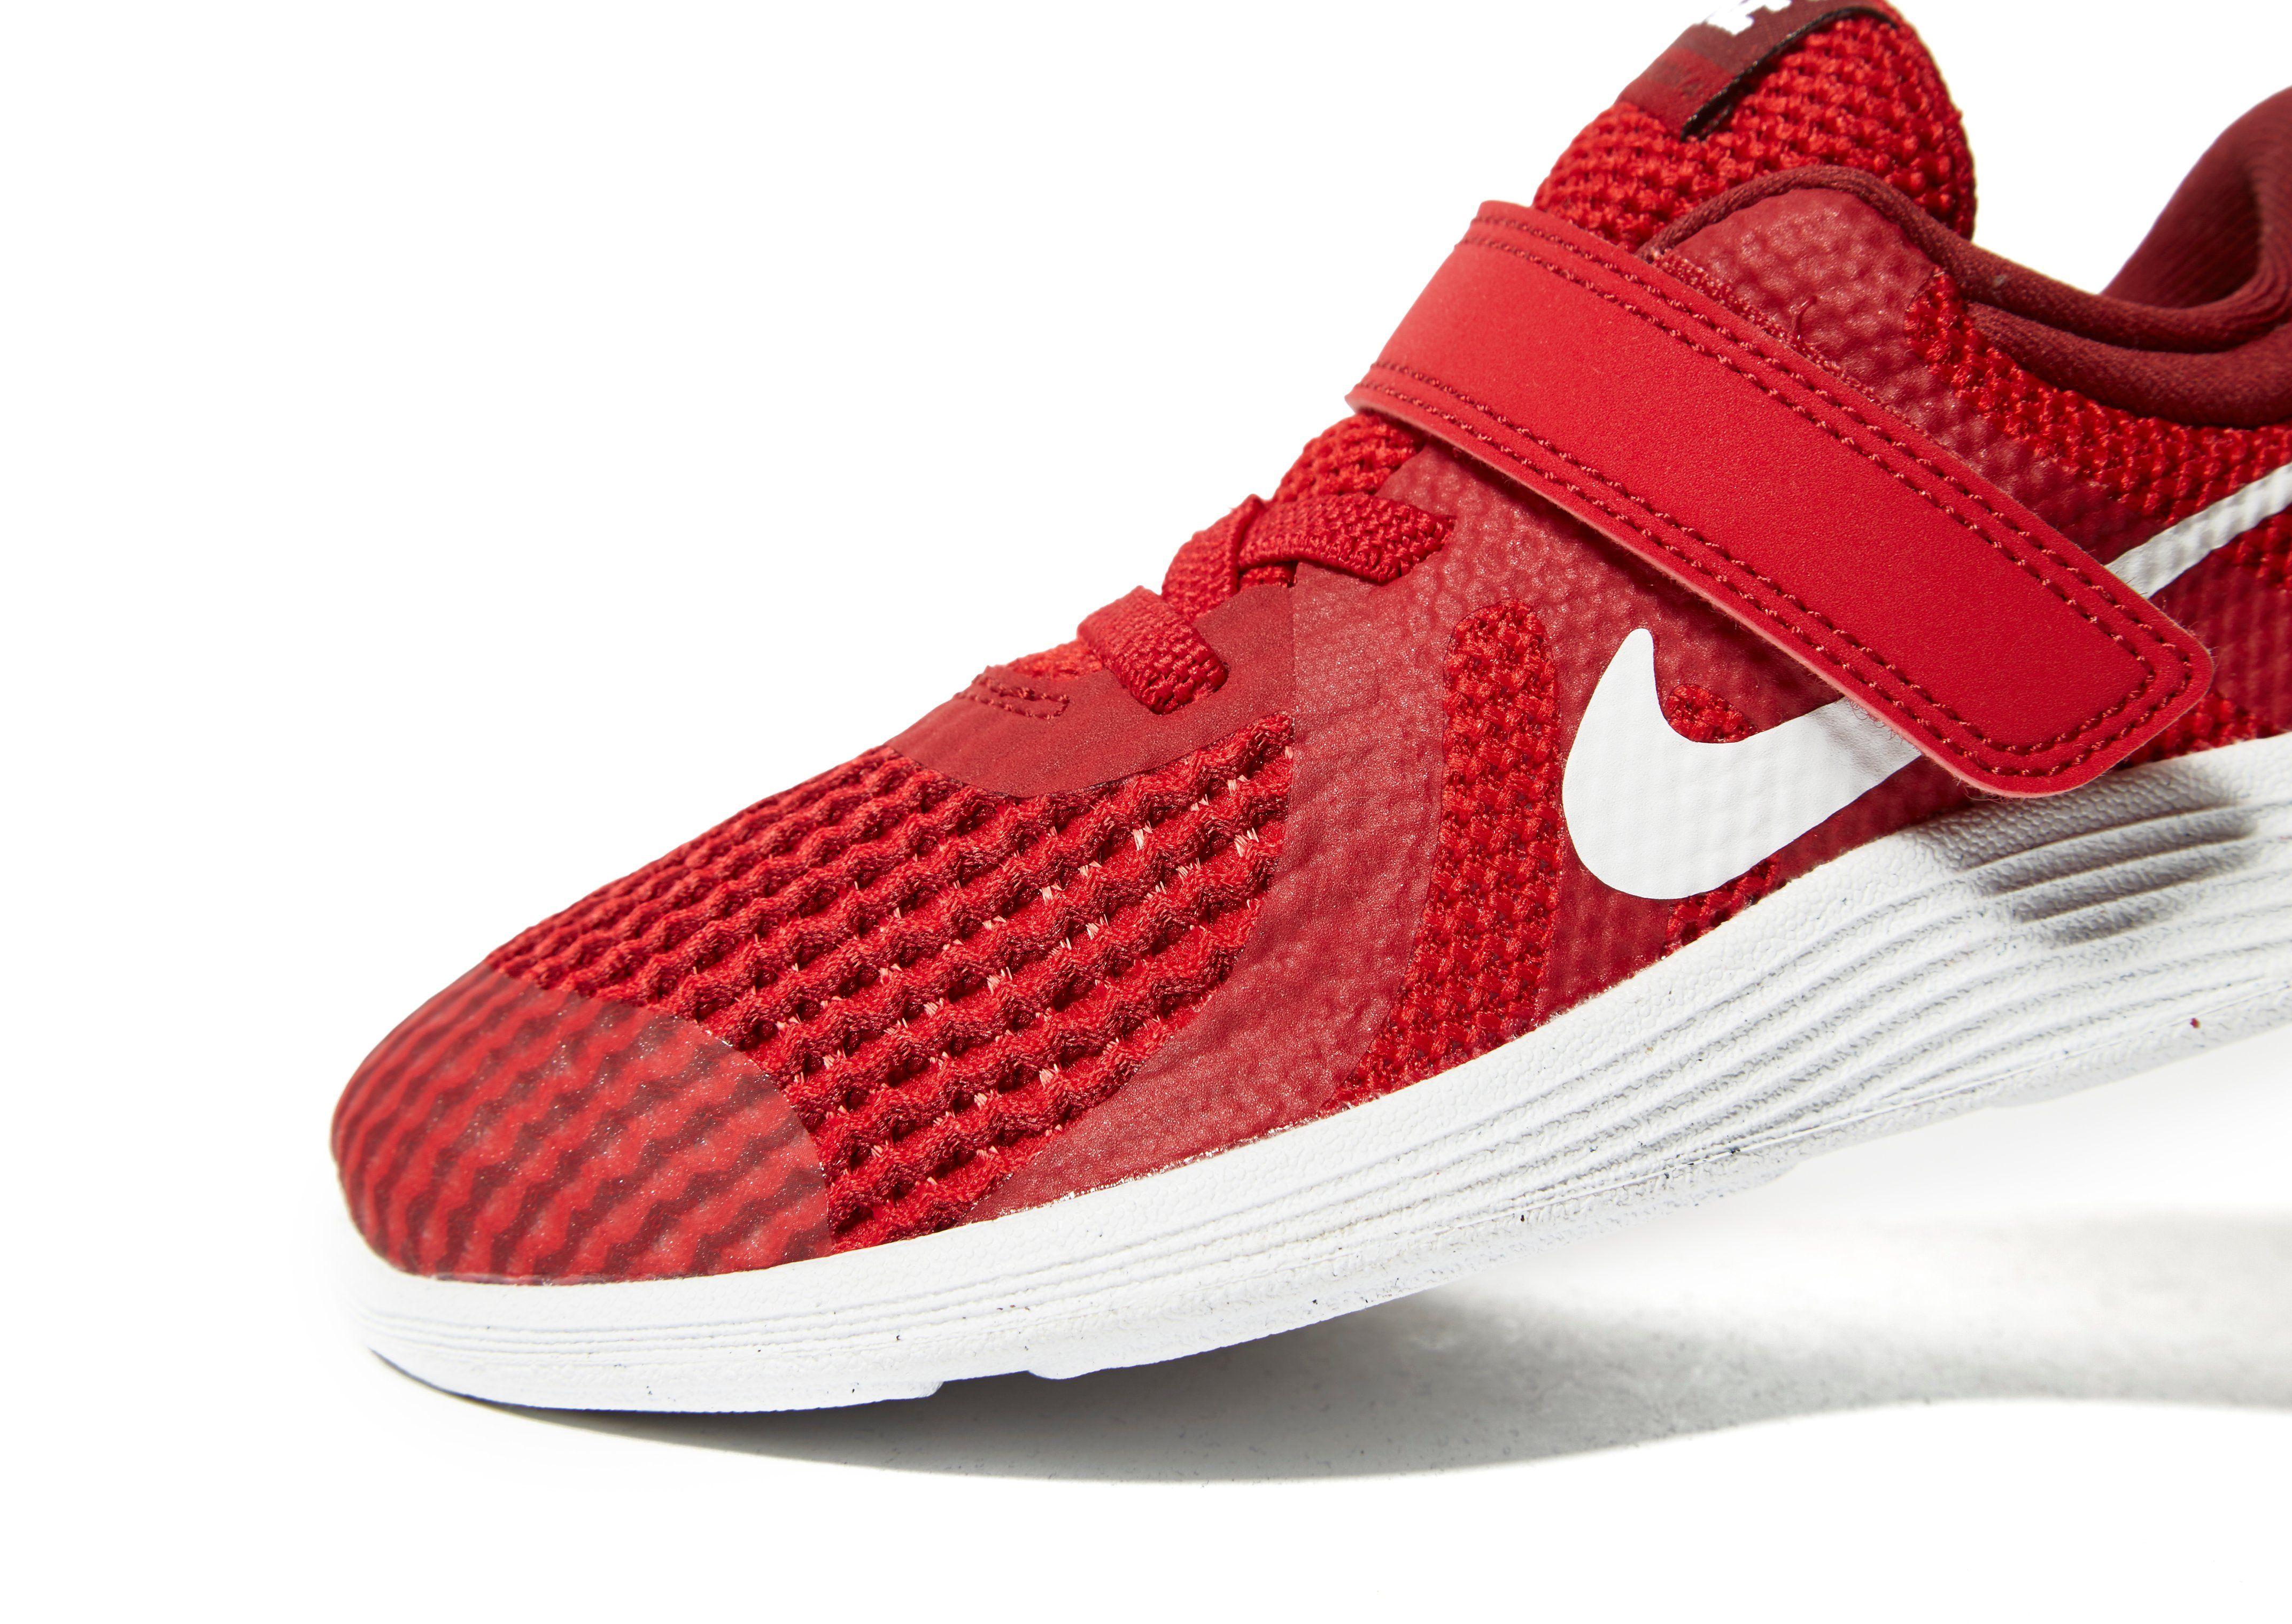 Nike Revolution 4 Infant Rot Kaufen Online-Verkauf Großhandelspreis Zu Verkaufen Billige Sammlungen Steckdose Mit Paypal Online Bestellen Exklusiv Zum Verkauf BYSmN5NQ